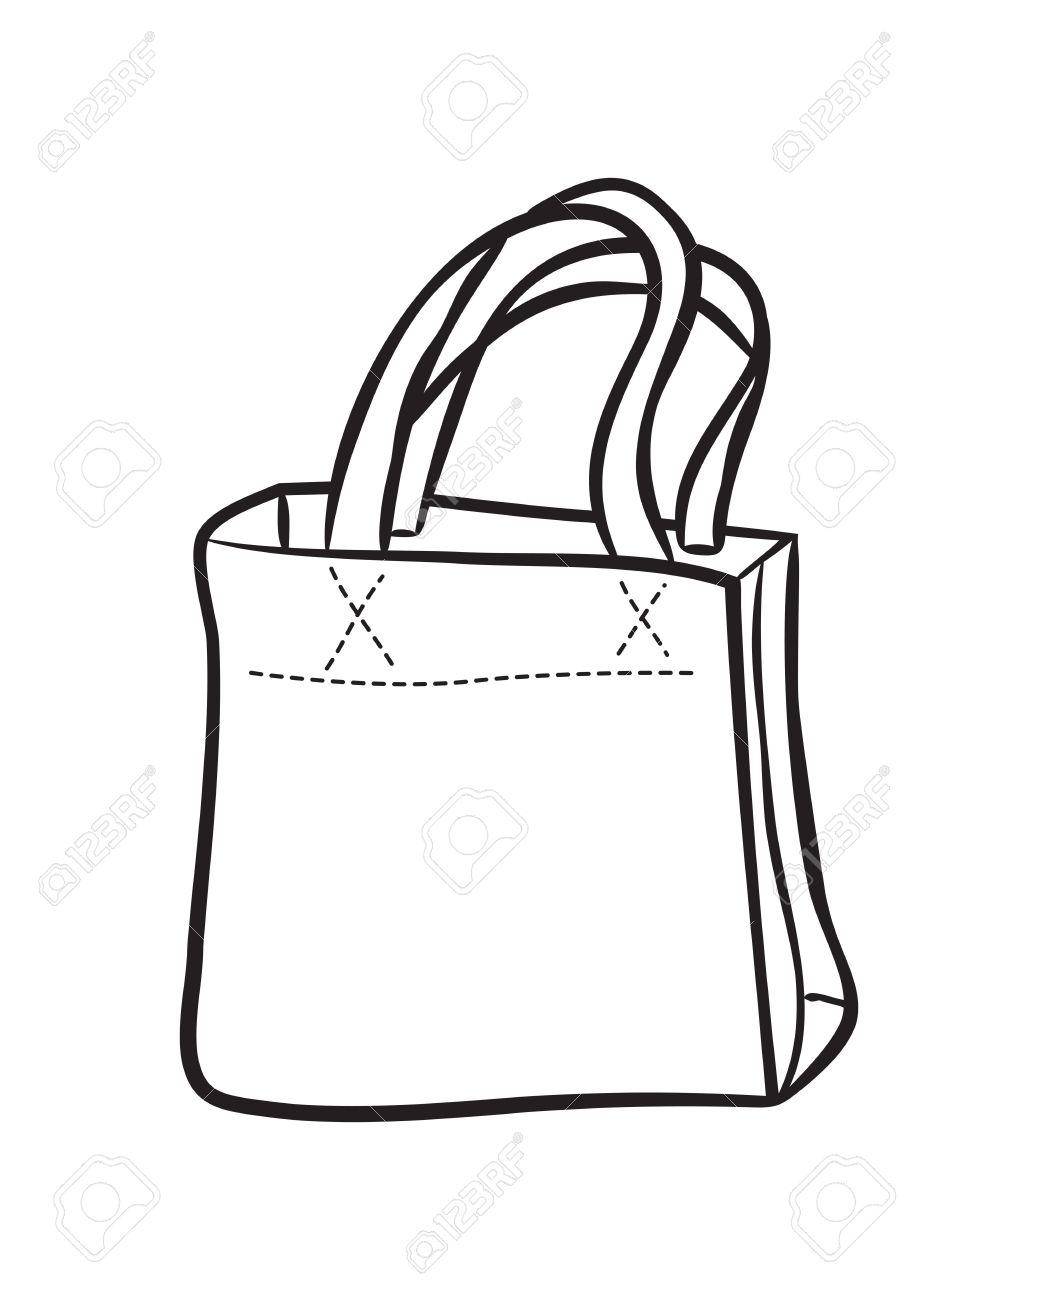 Shopping Bag Drawing At Getdrawings